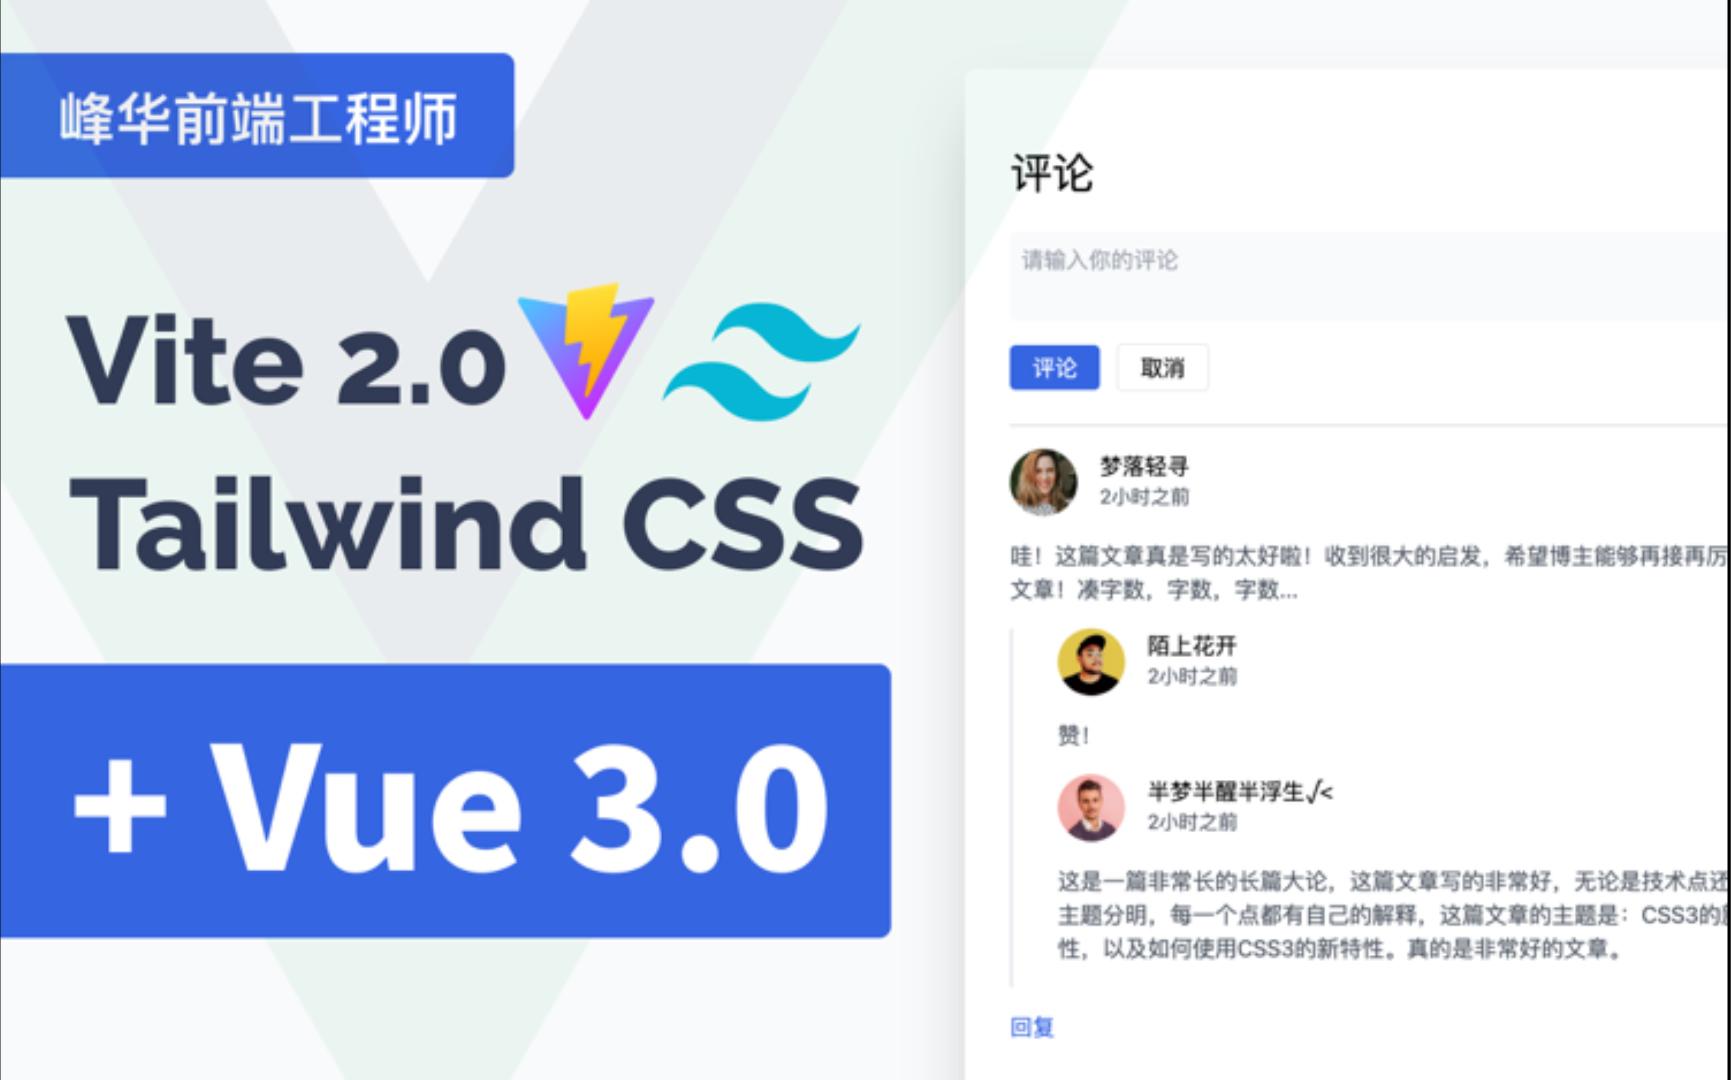 Vite 2.0 + Tailwind CSS 改装为 Vue 3.0 | 留言板系统